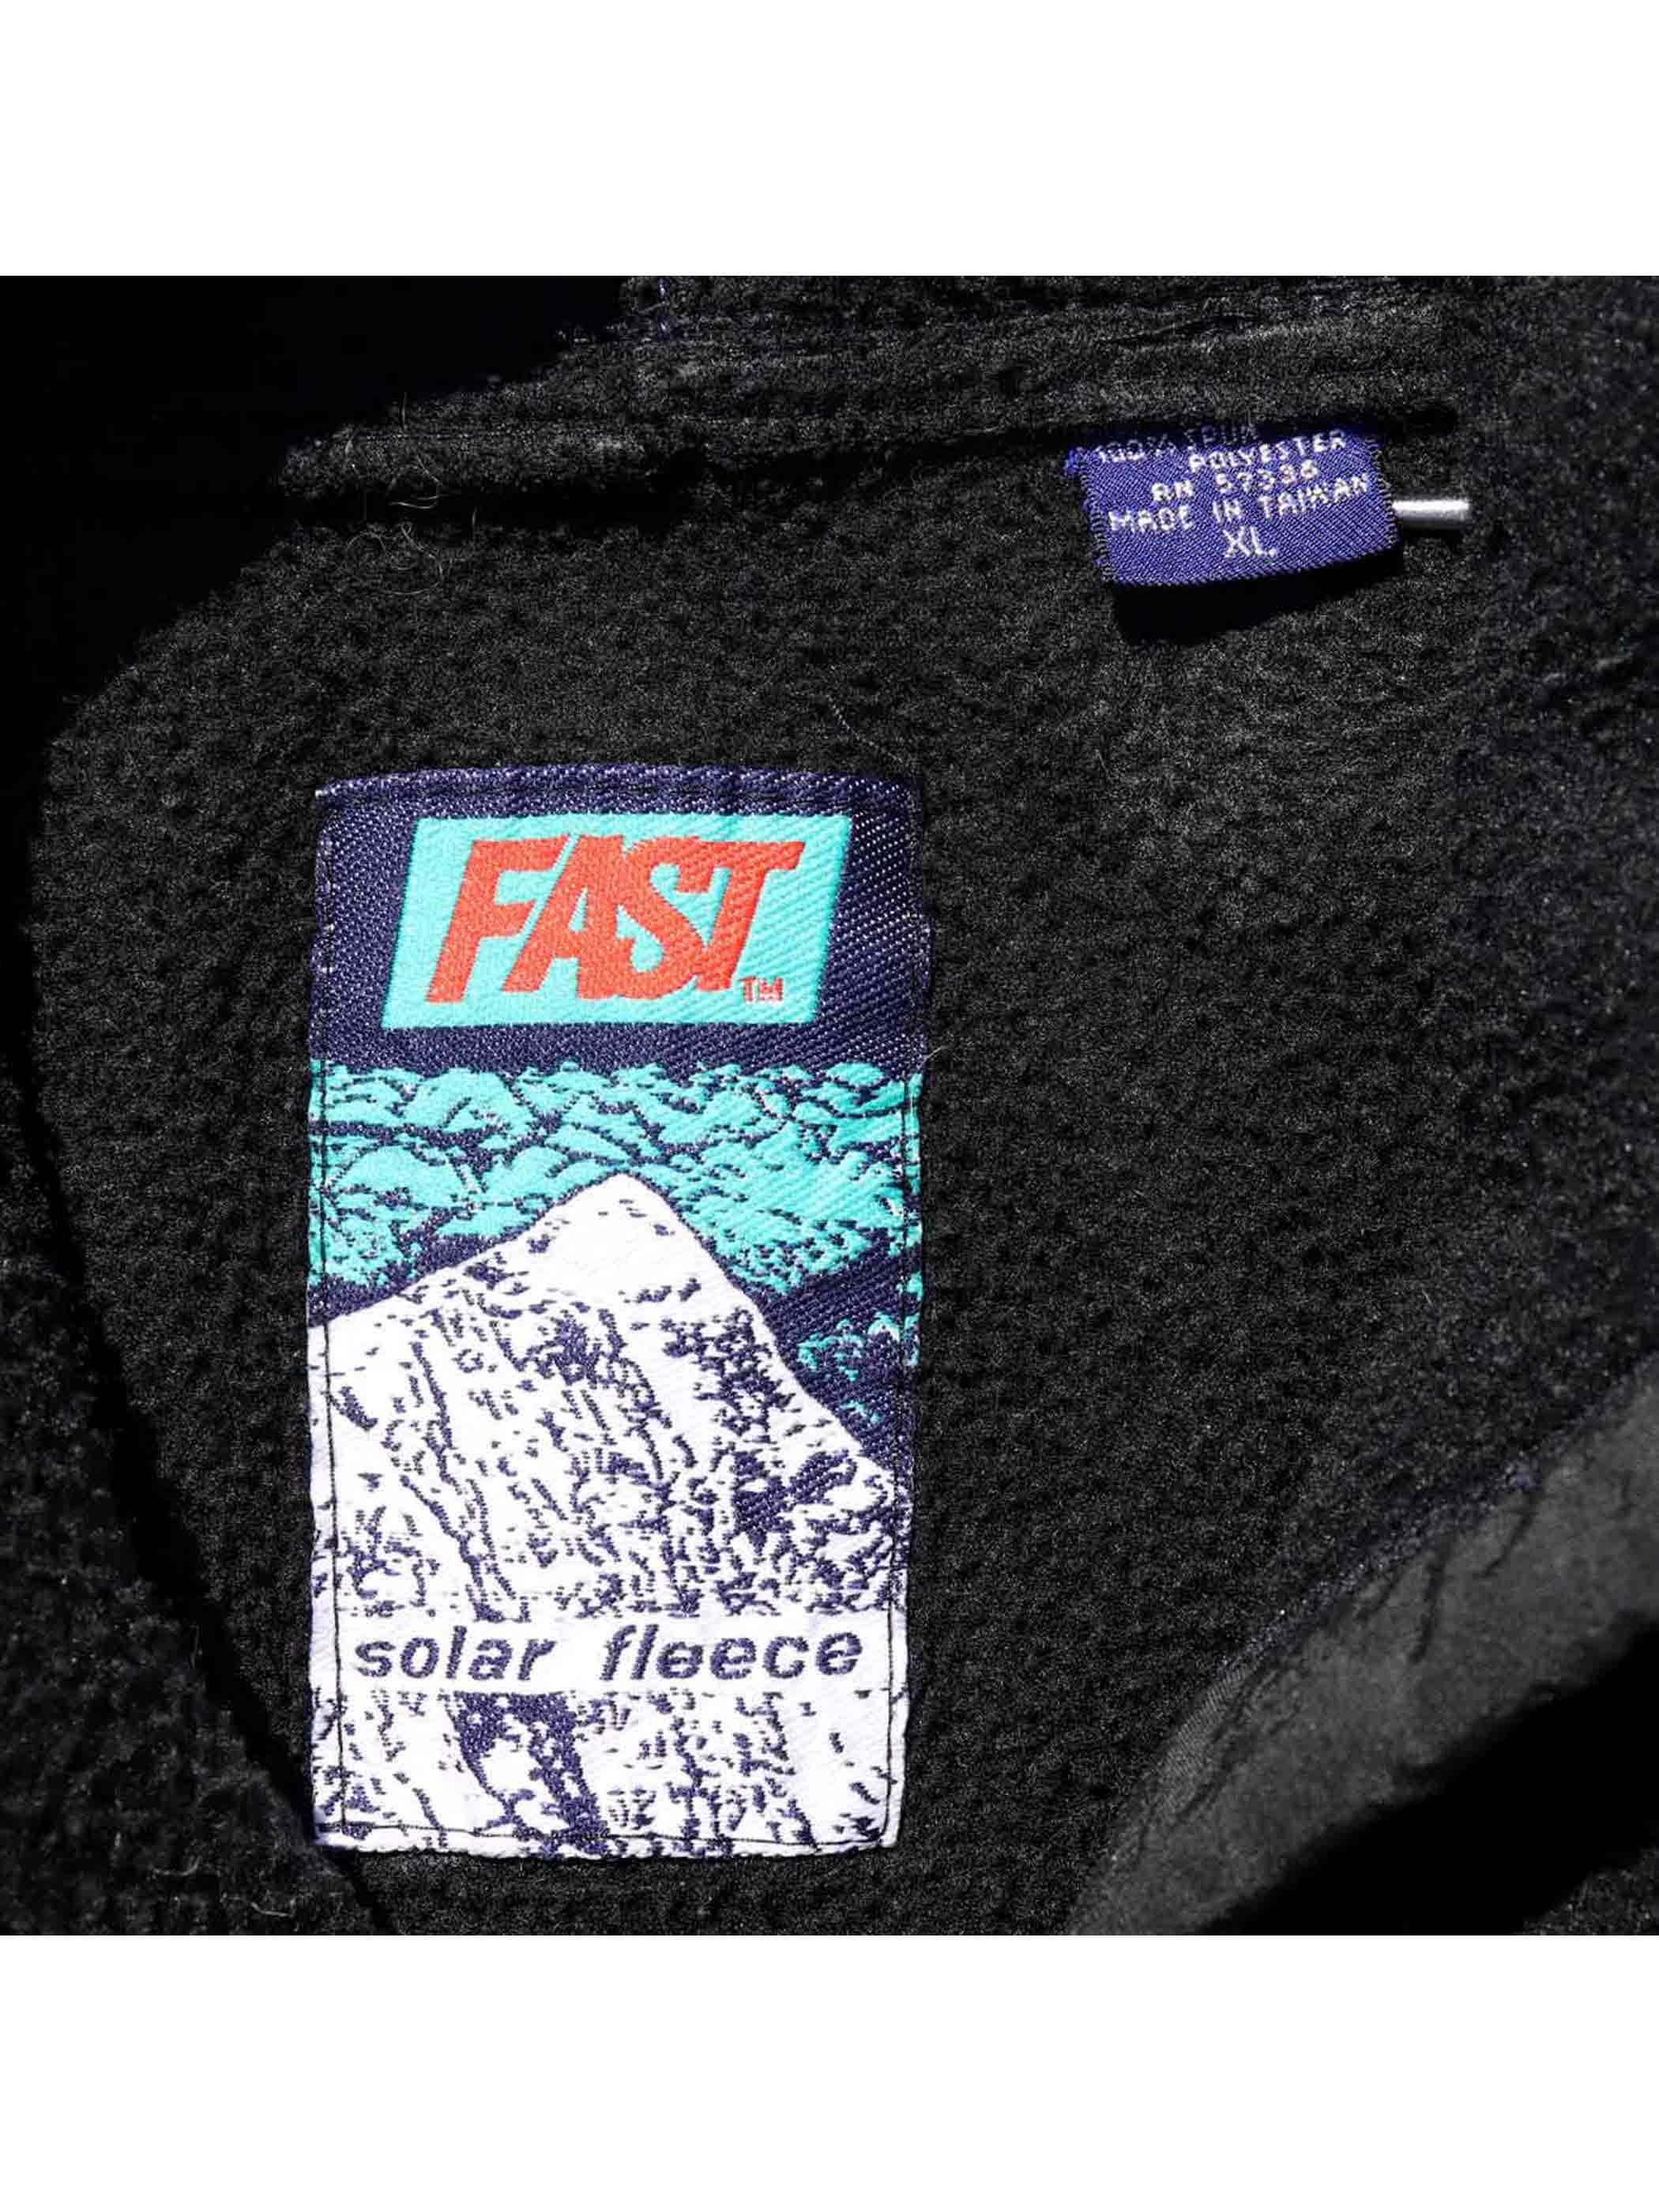 90's~ FAST フリース プルオーバーパーカー [XL]